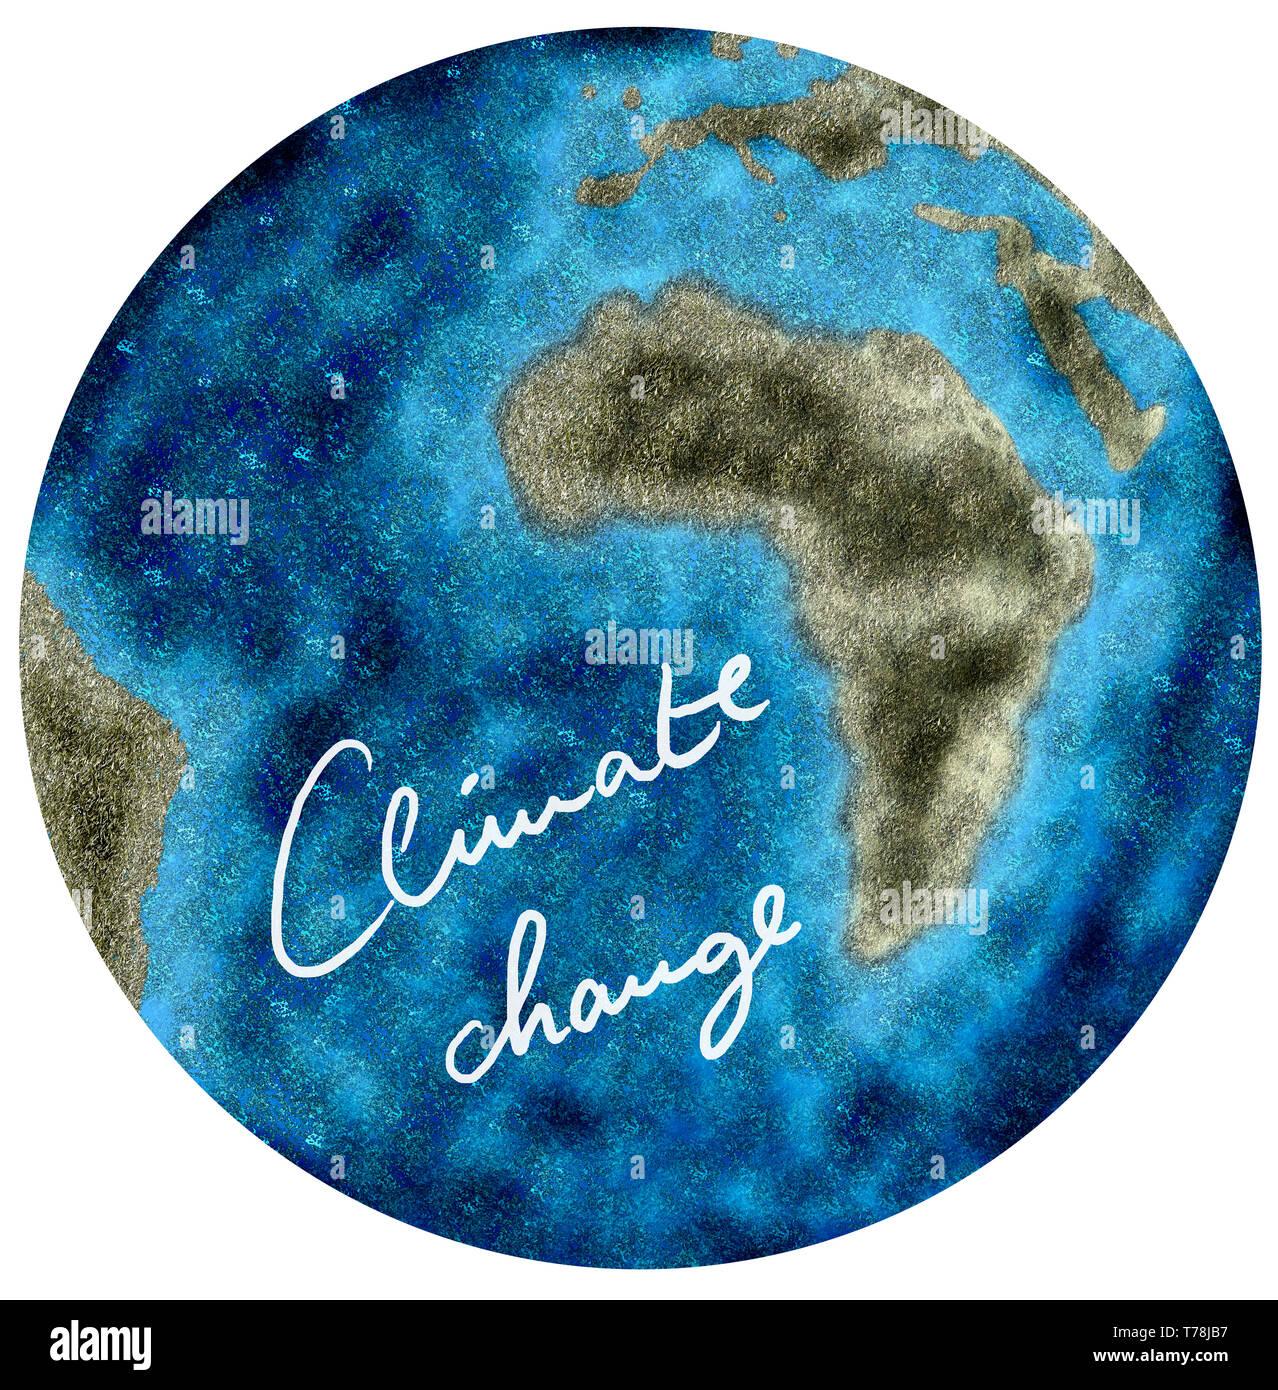 Illustration der Erde, mit verkleinerten Kontinenten und viel Wasser als Folge vom Klimawandel - Stock Image